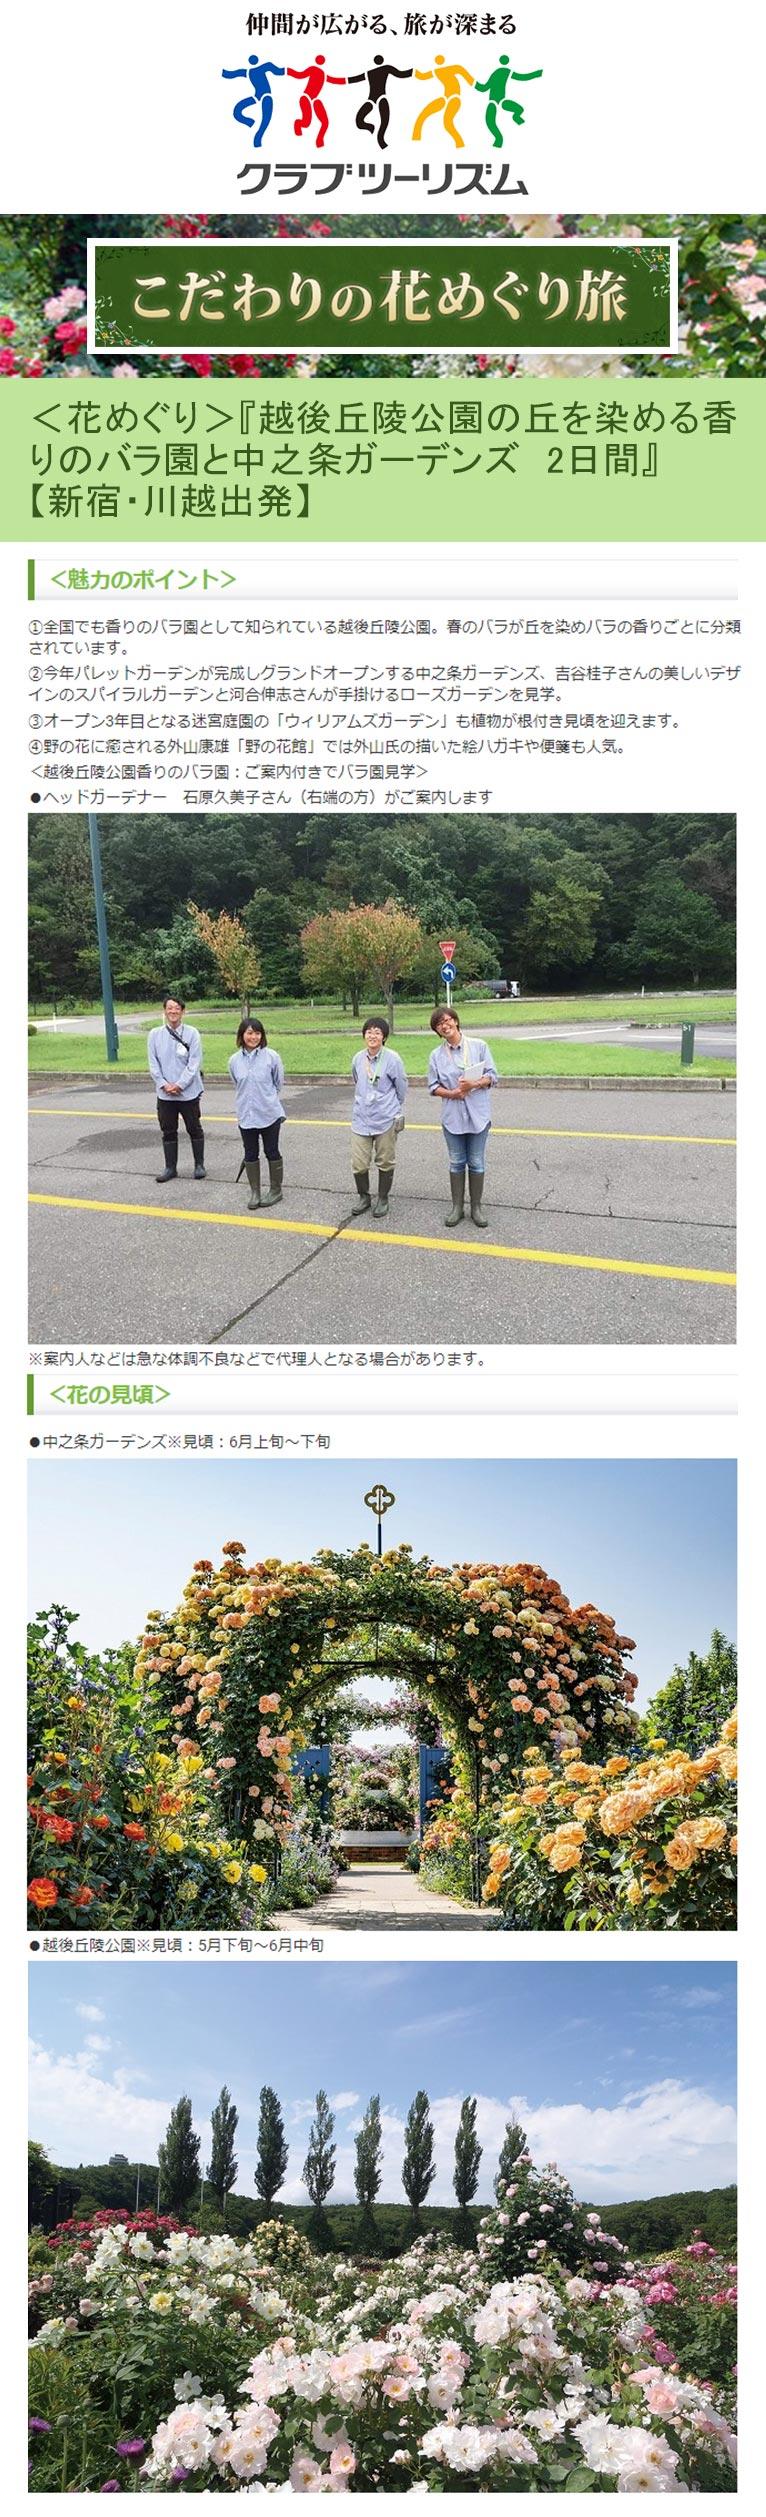 2021年6月4日 <花めぐり>『越後丘陵公園の丘を染める香りのバラ園と中之条ガーデンズ 2日間』【新宿・川越出発】 クラブツーリズム『こだわりの花めぐり旅・ツアー』